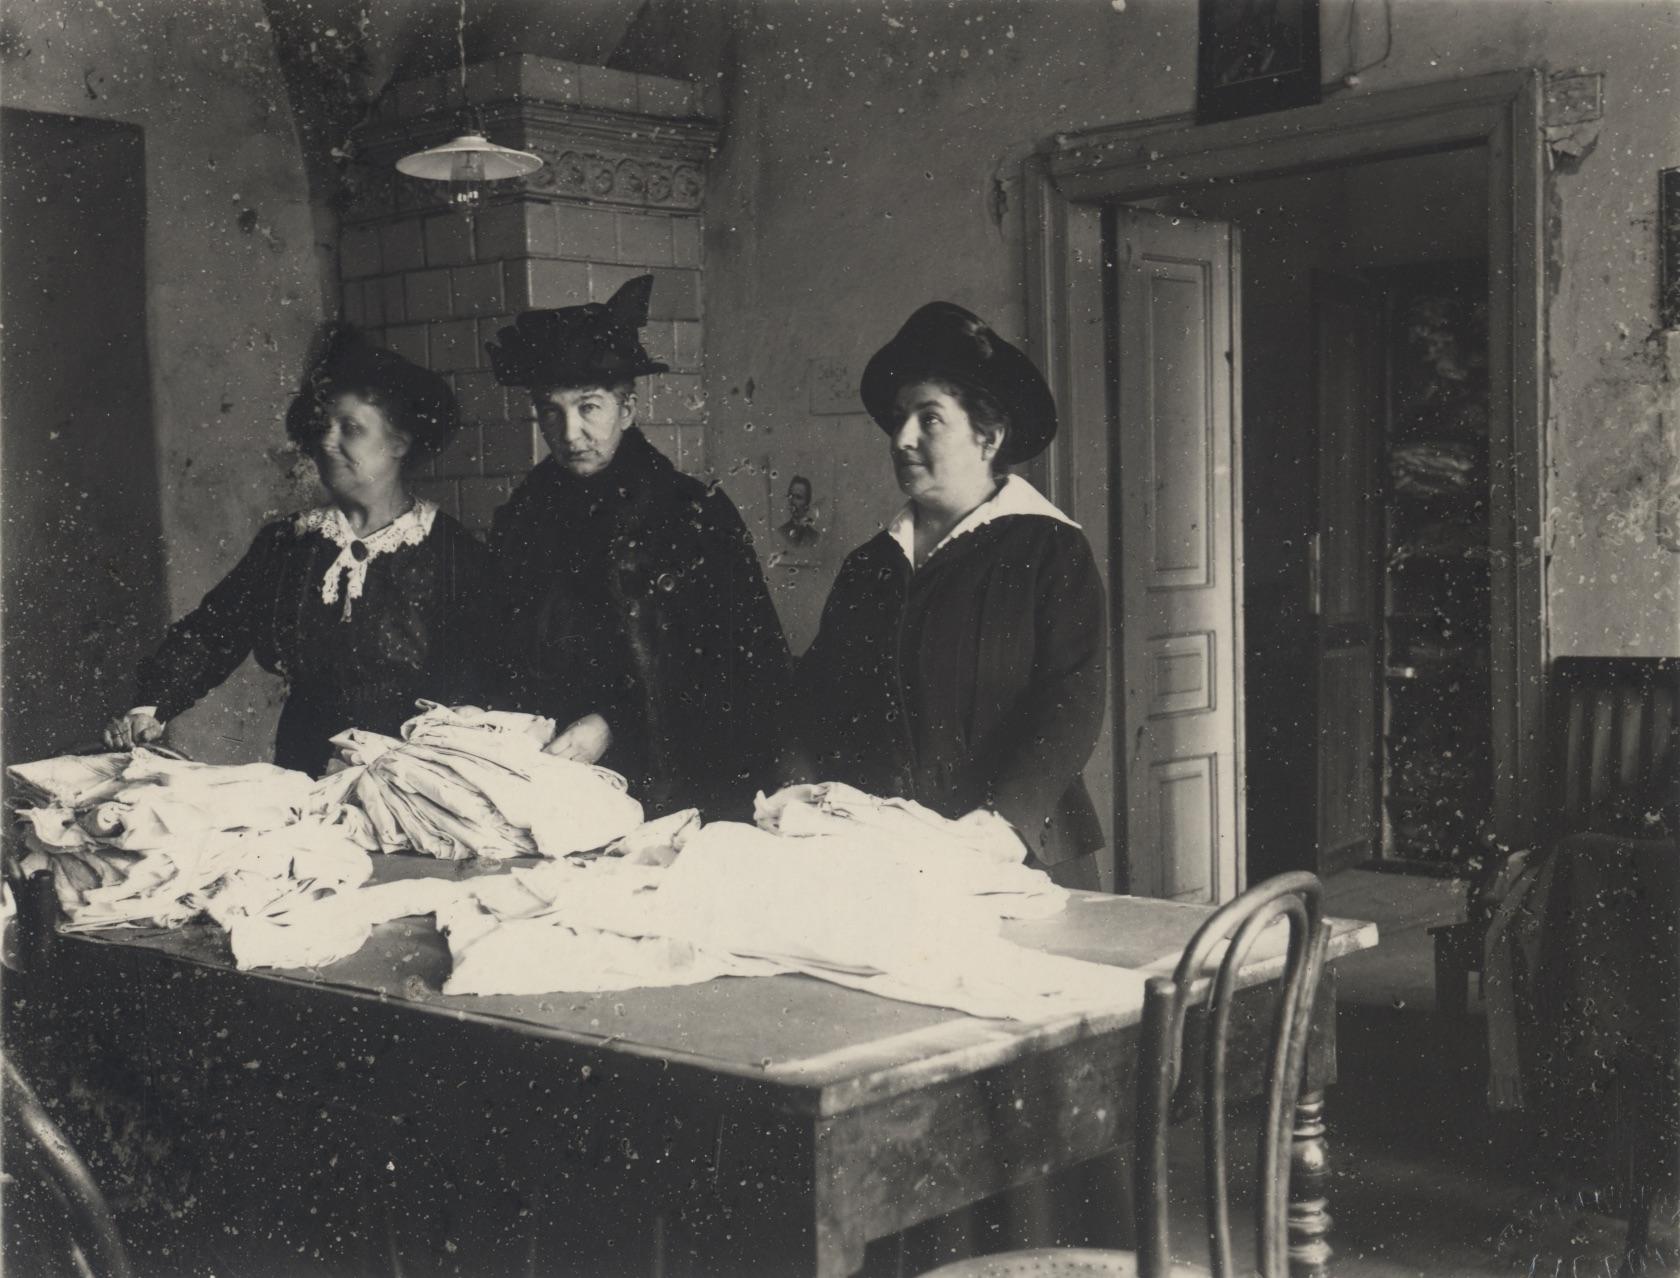 Członkinie Białego Krzyża przygotowują paczki dla żołnierzy na froncie. Warszawa, 1920 r. / Wojskowe Biuro Historyczne